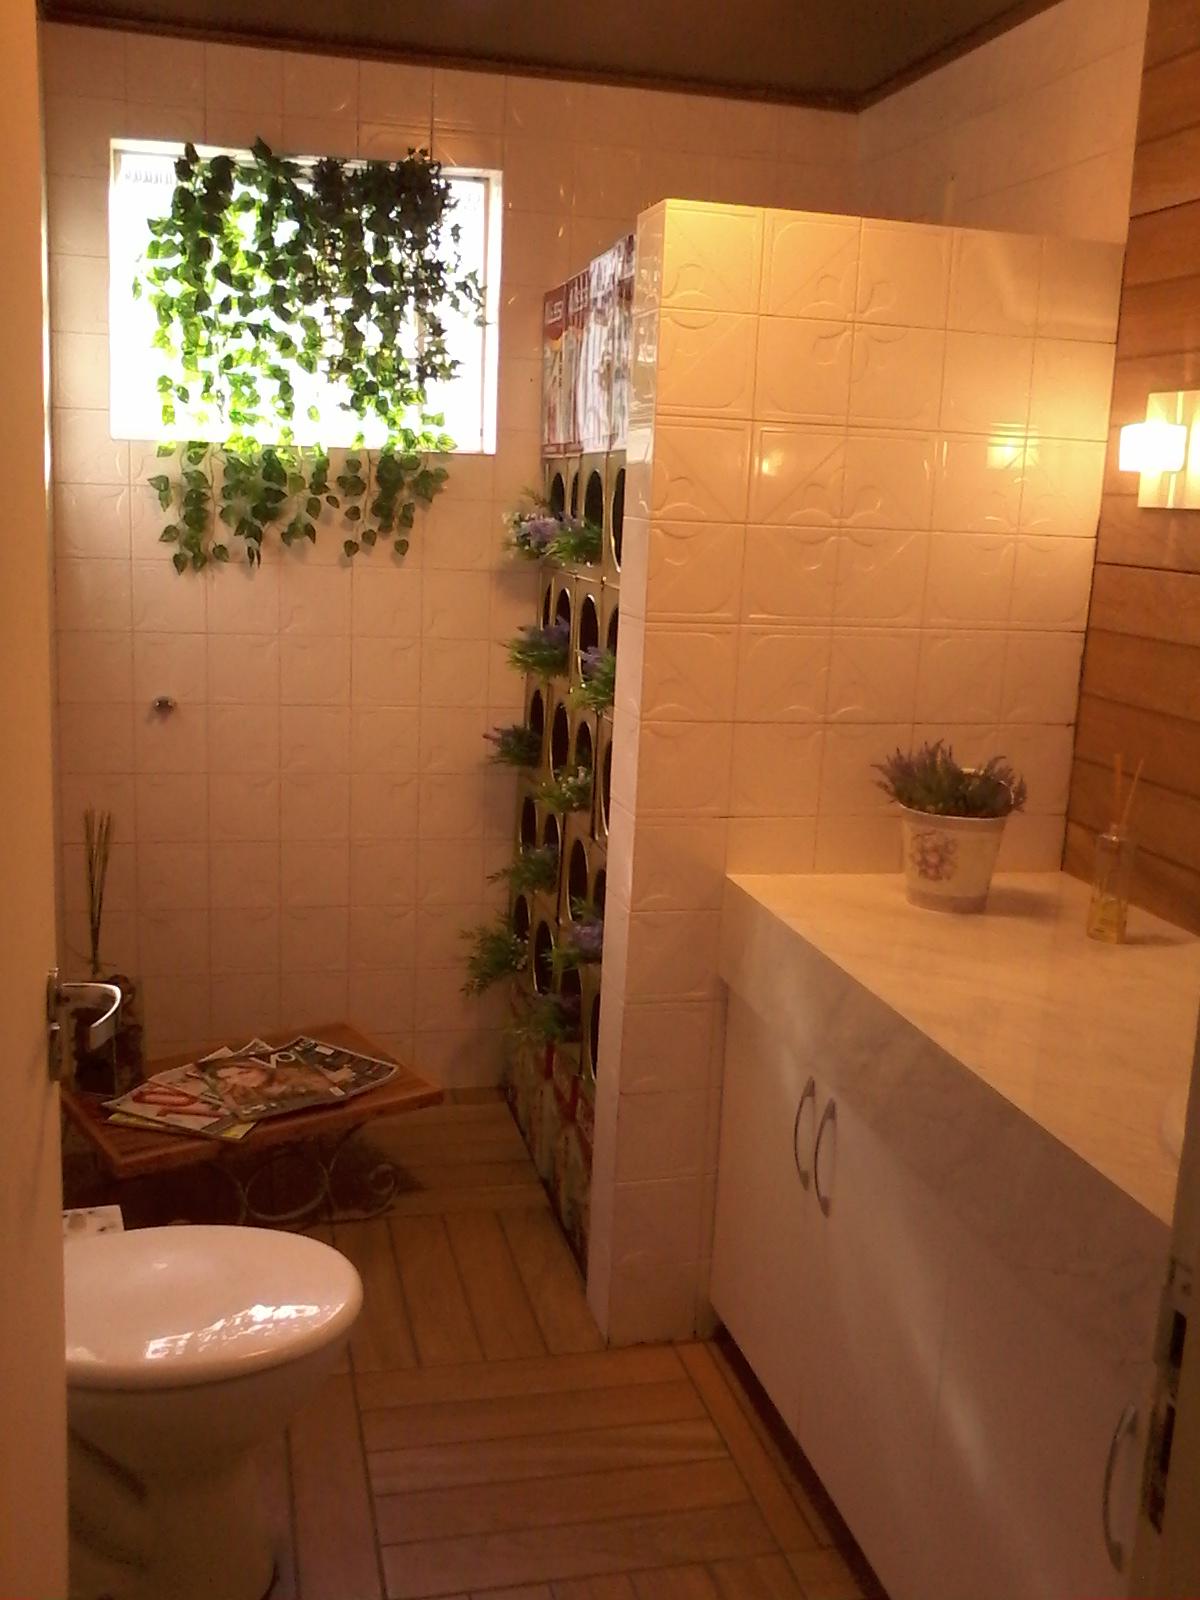 Imagens de #AF7E1C banheiro antigo box e agora banheiro dos clientes da loja 1200x1600 px 3100 Box Banheiro Antigo